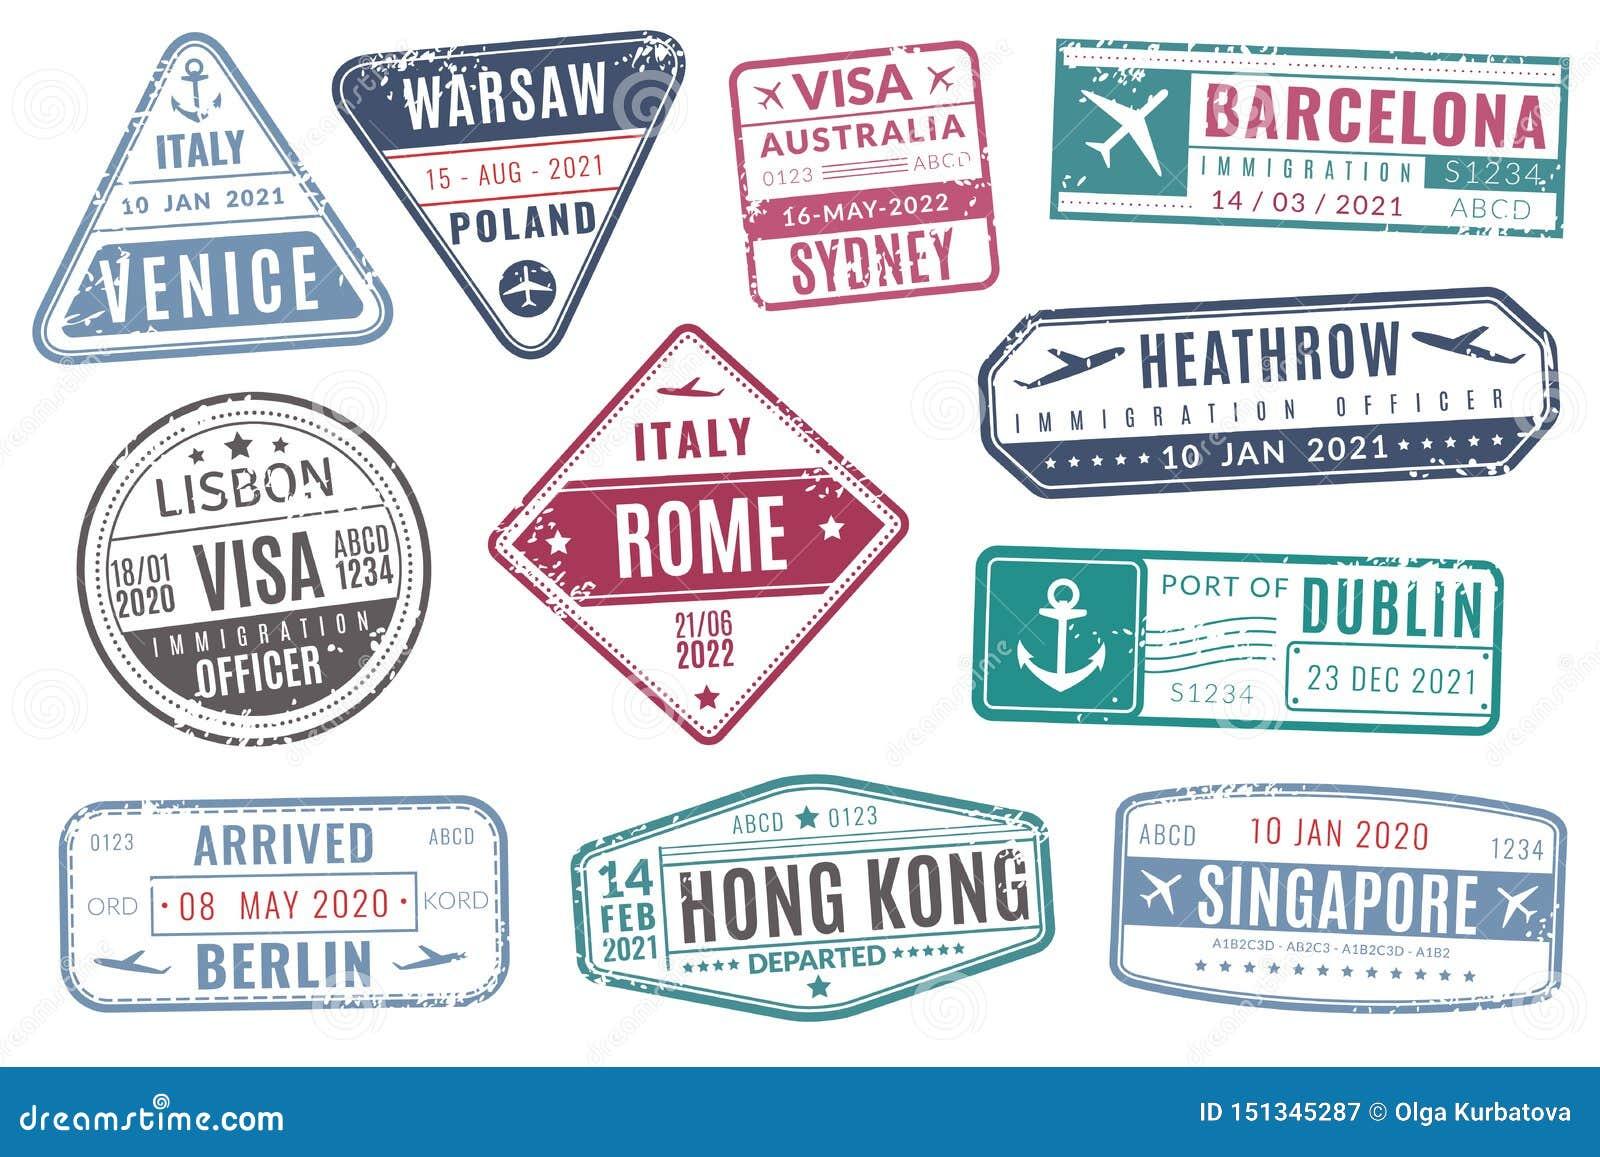 Печати аэропорта Винтажная иммиграция визы паспорта перемещения приехала печать с текстурой grunge r